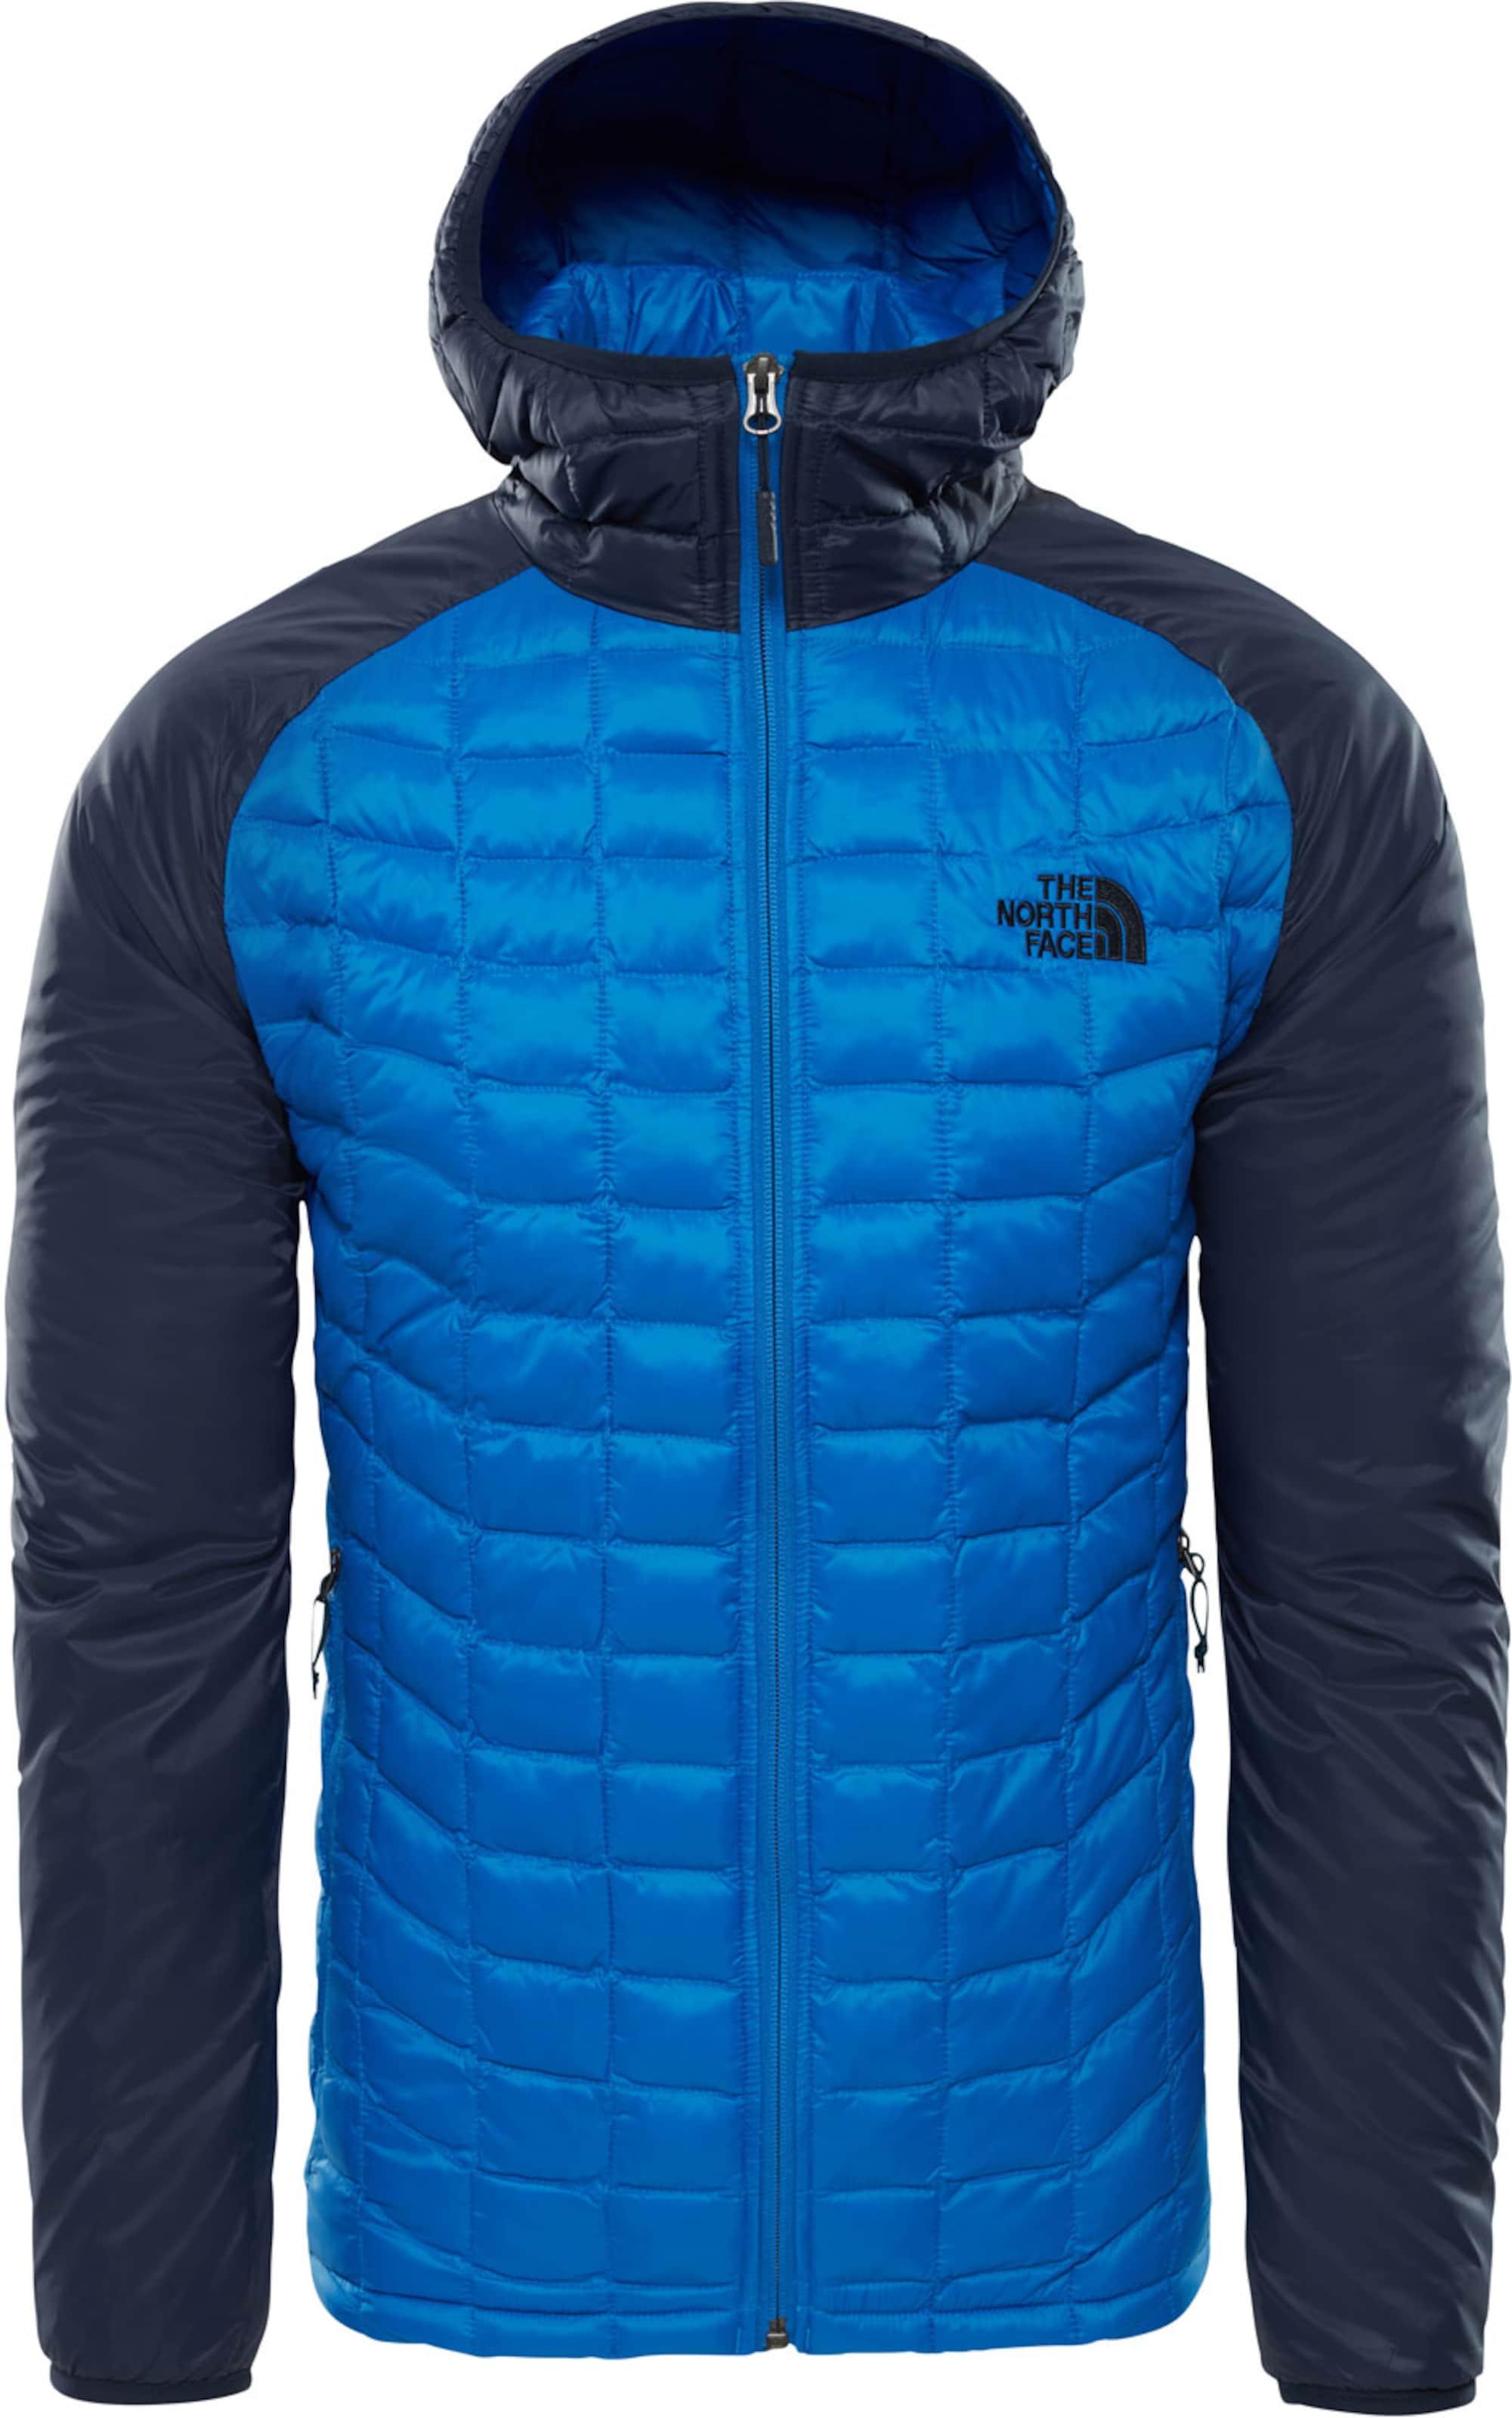 BlauNachtblau Face North The Jacke In mnNwvO80